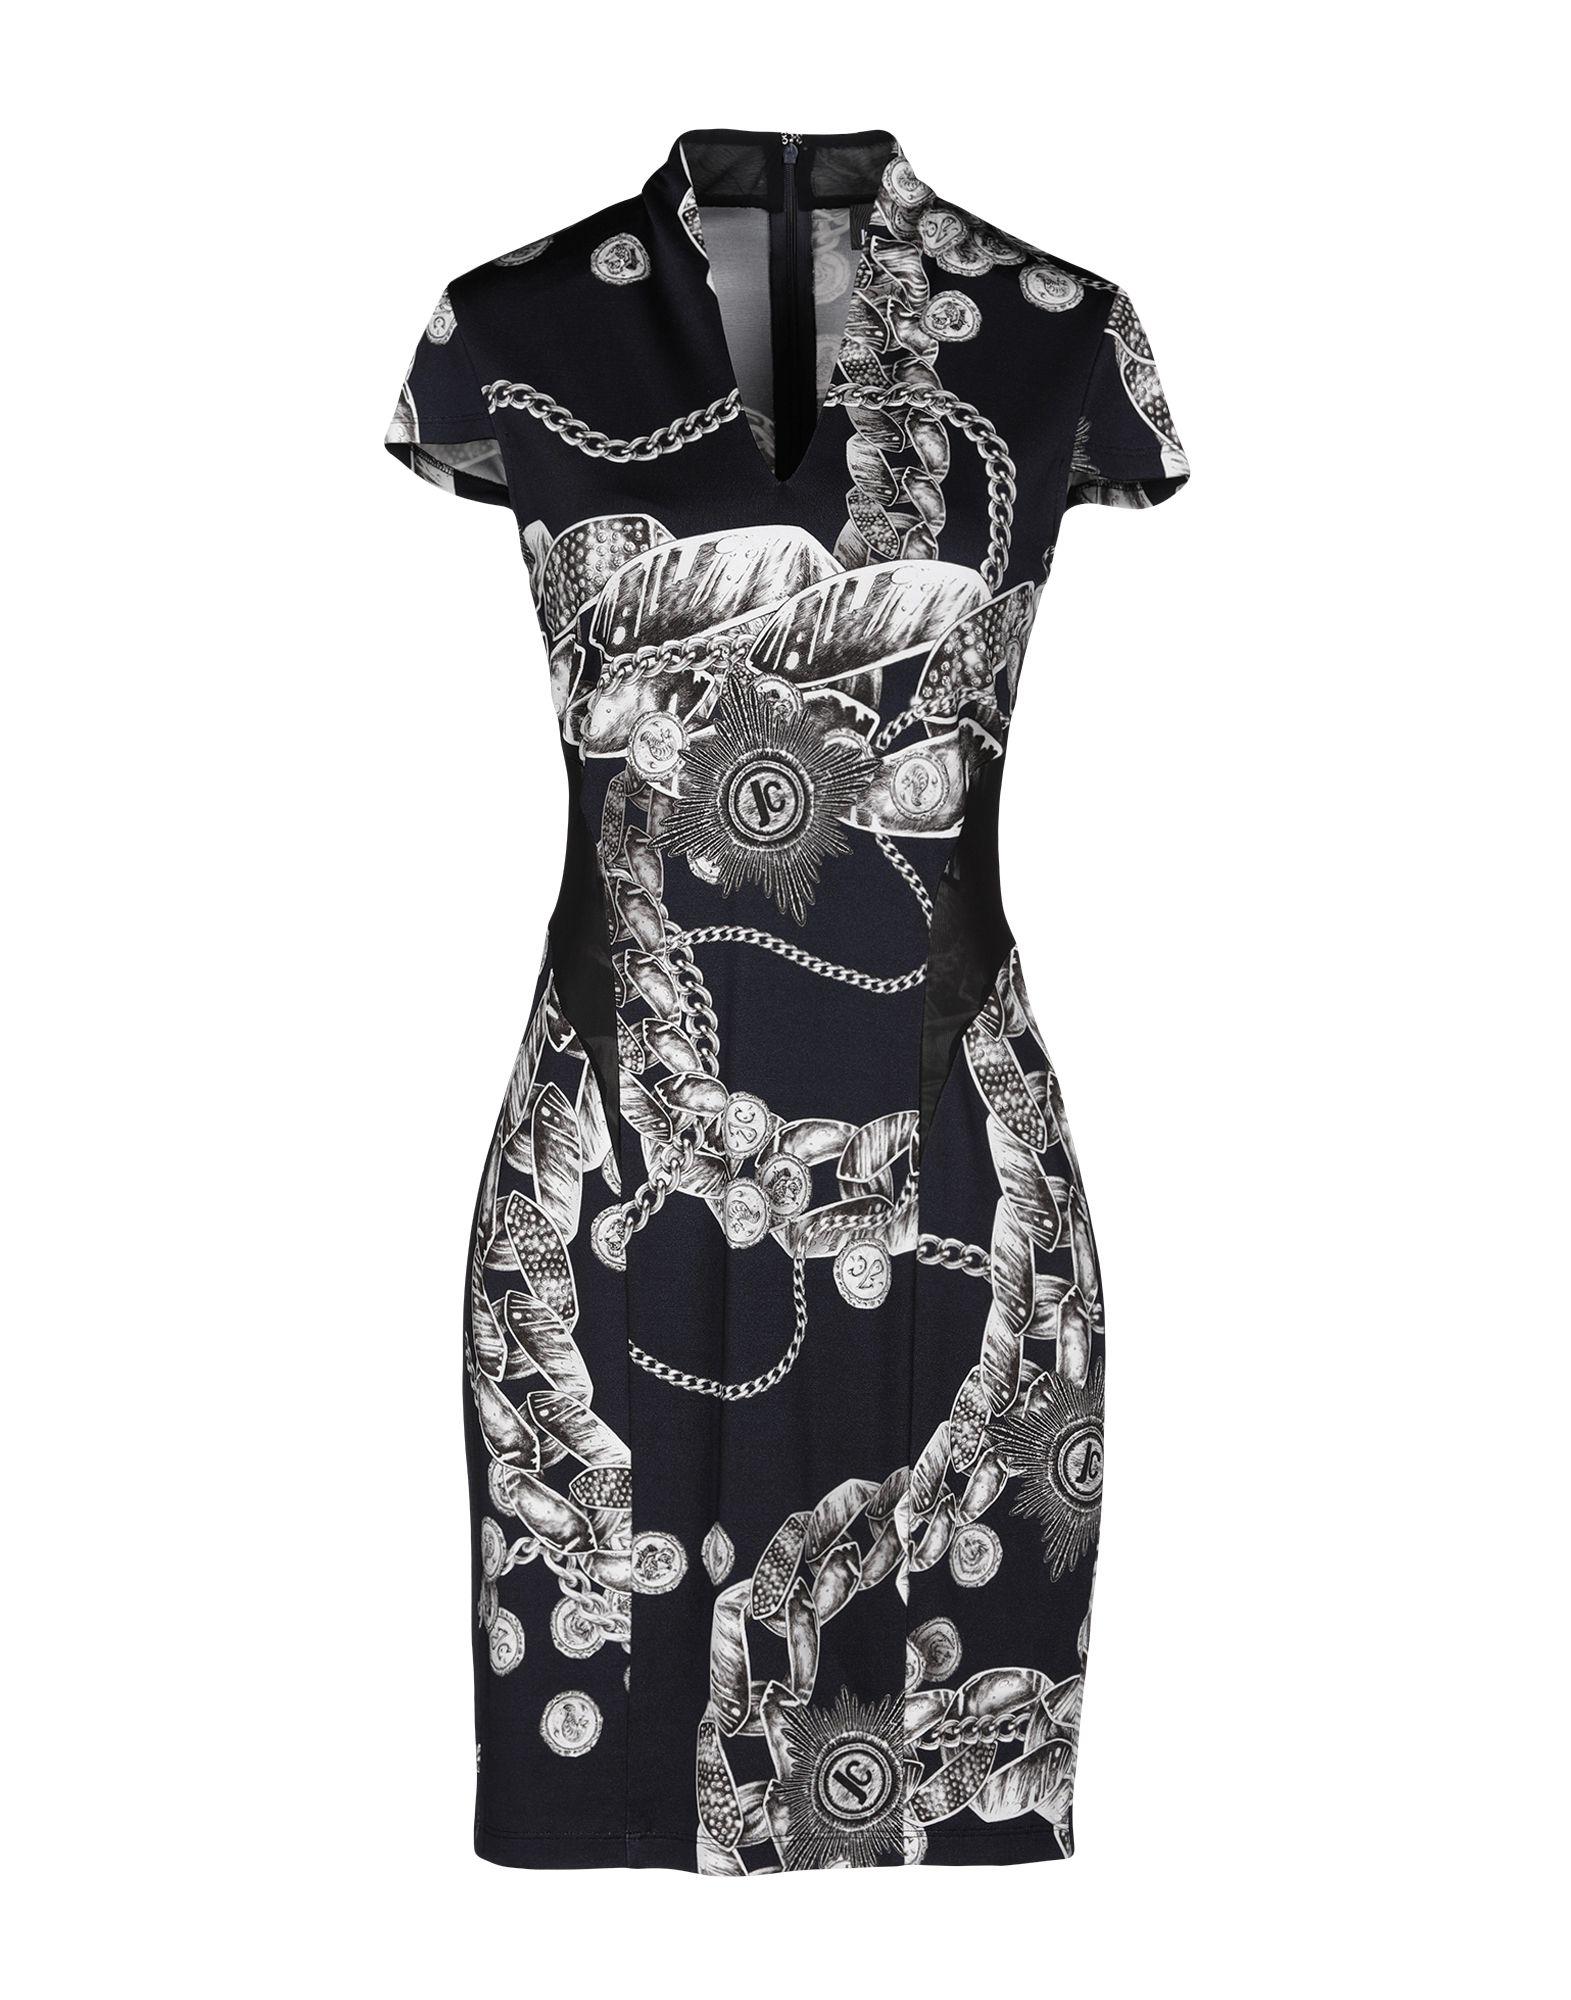 Vestito Vestito Corto Just Cavalli donna - 34821372UD  Designer online